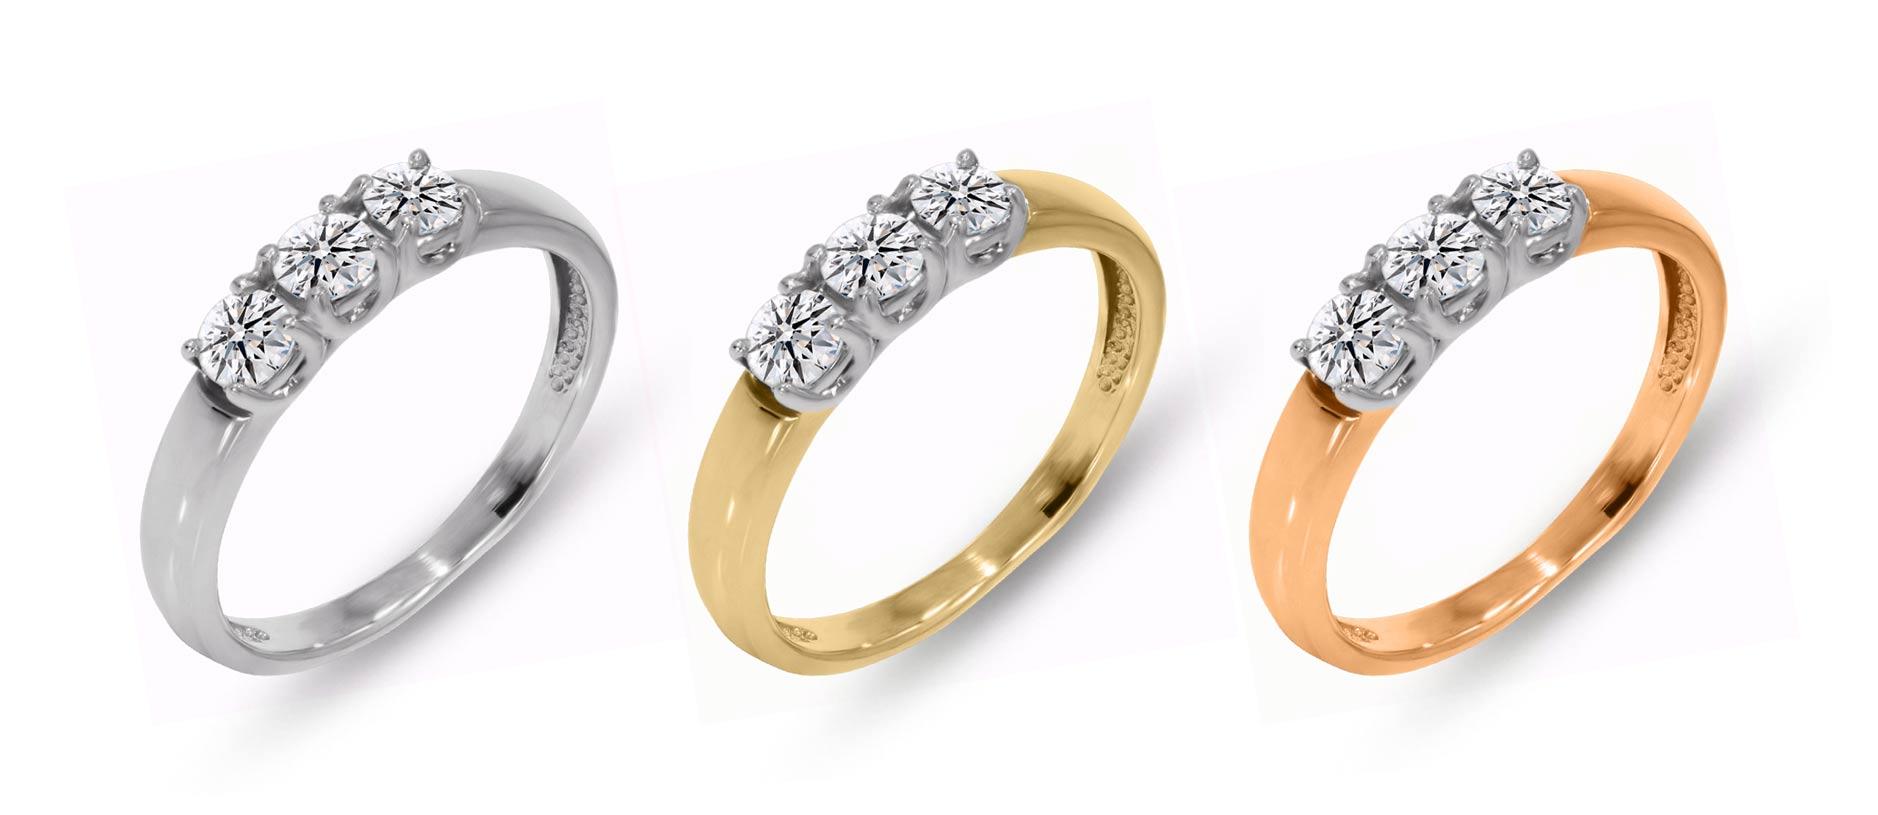 каблучка, доріжка діамантів, золото біле, жовте, червоне.